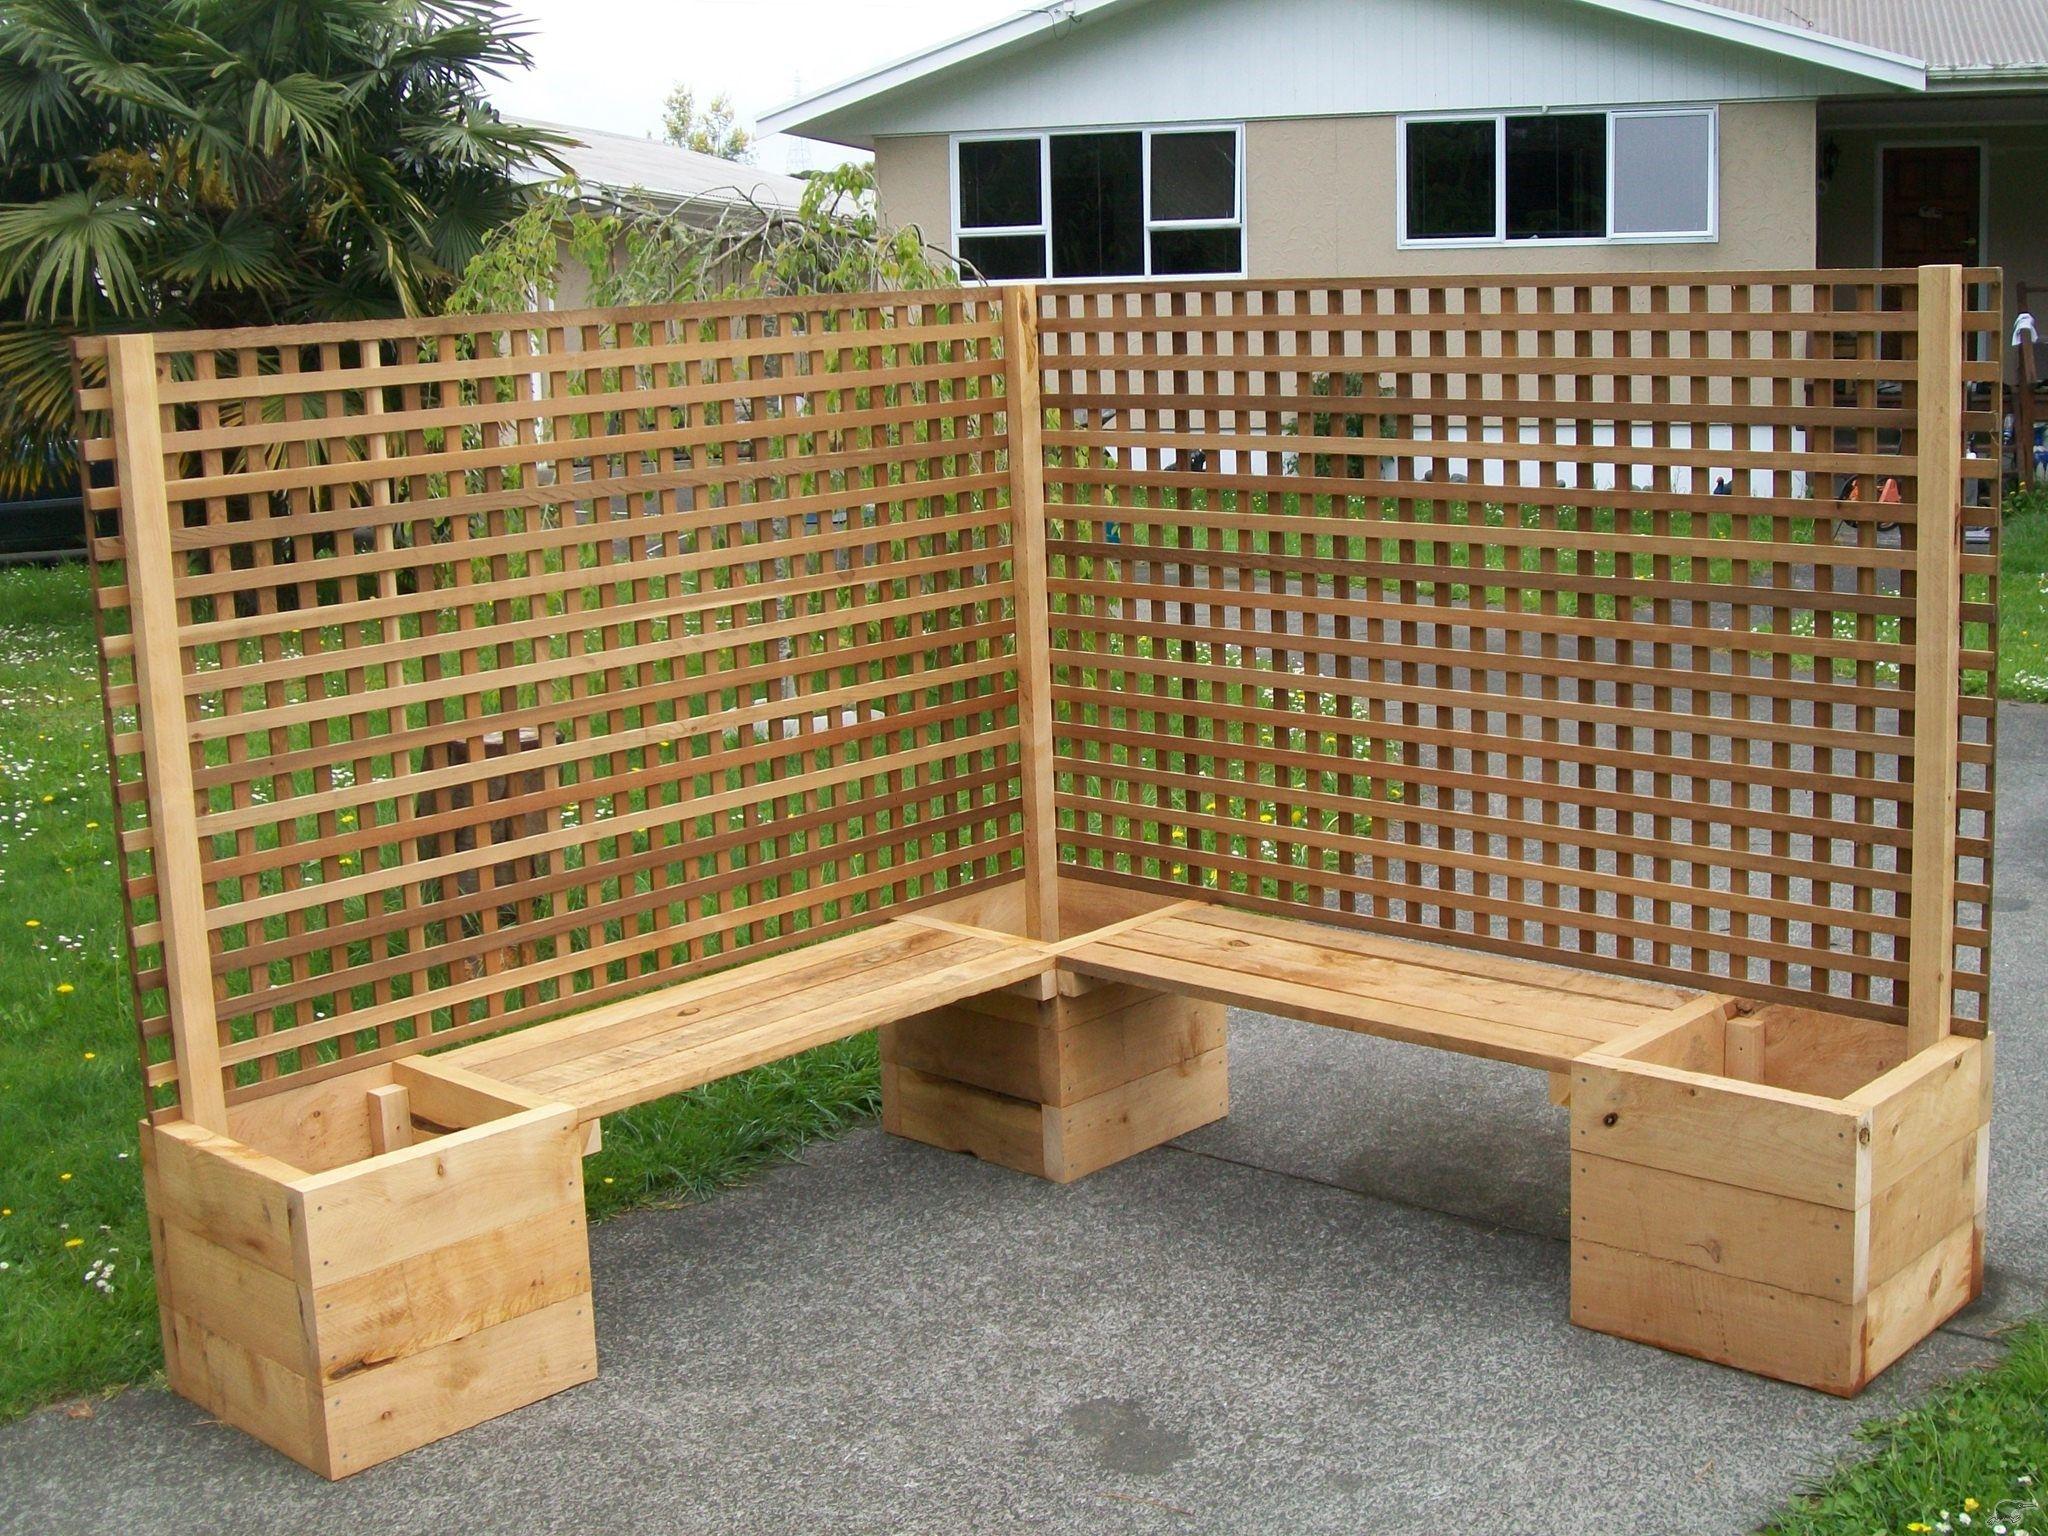 Macrocarpa Planter Boxes Seats Trellis Patio Fence Apartment Balcony Garden Backyard Patio